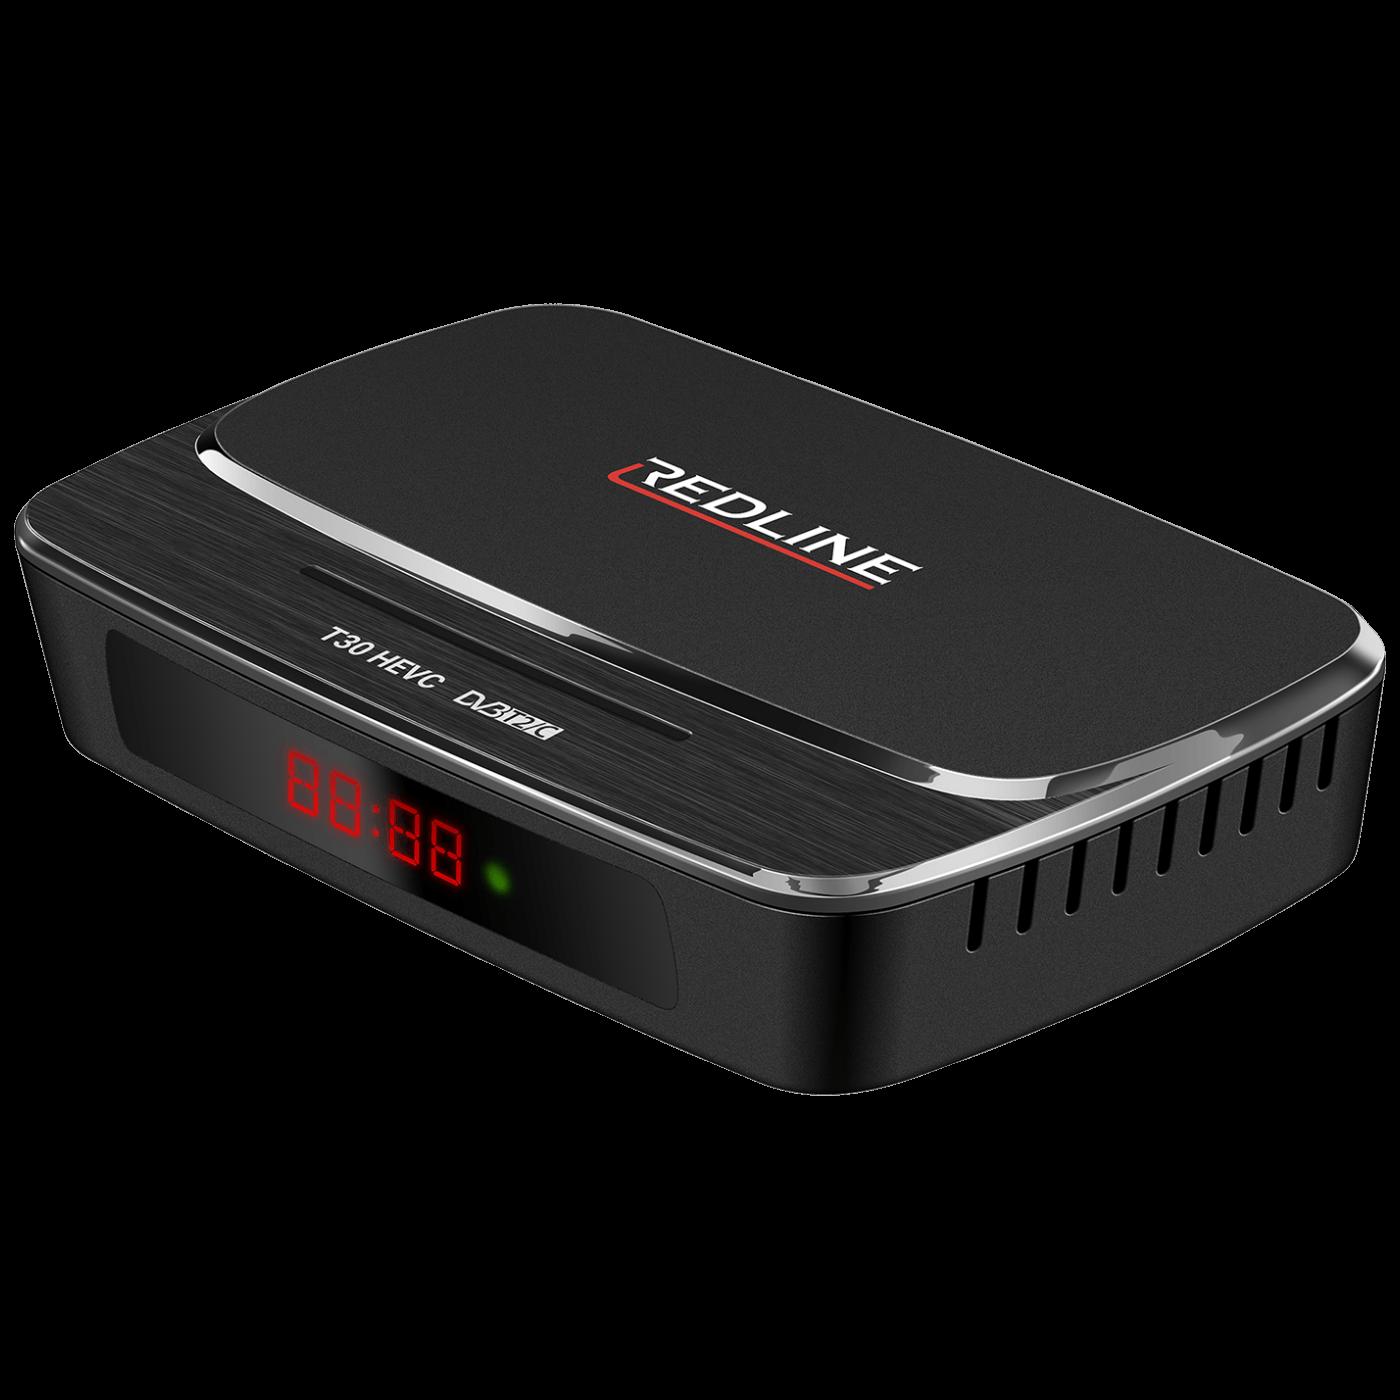 Prijemnik zemaljski, DVB-T/T2/C, Full HD, H.265/HEVC, Scart